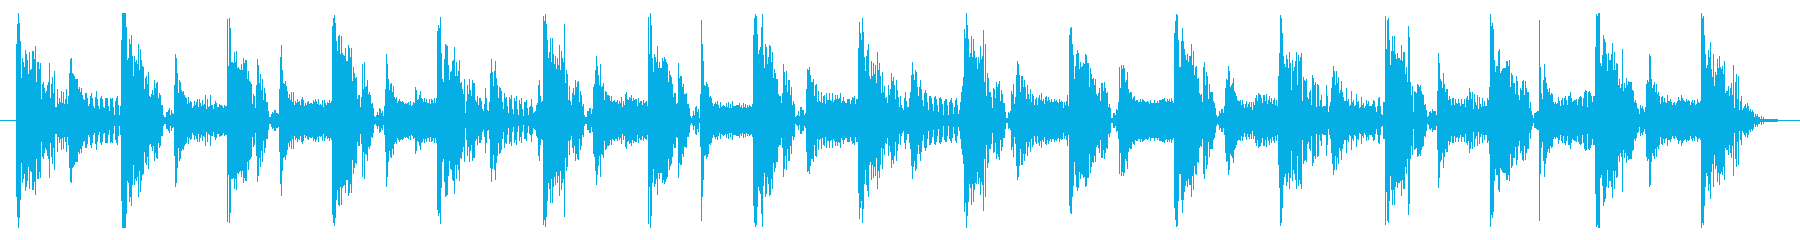 ベース生演奏のクールスラップジングル06の再生済みの波形